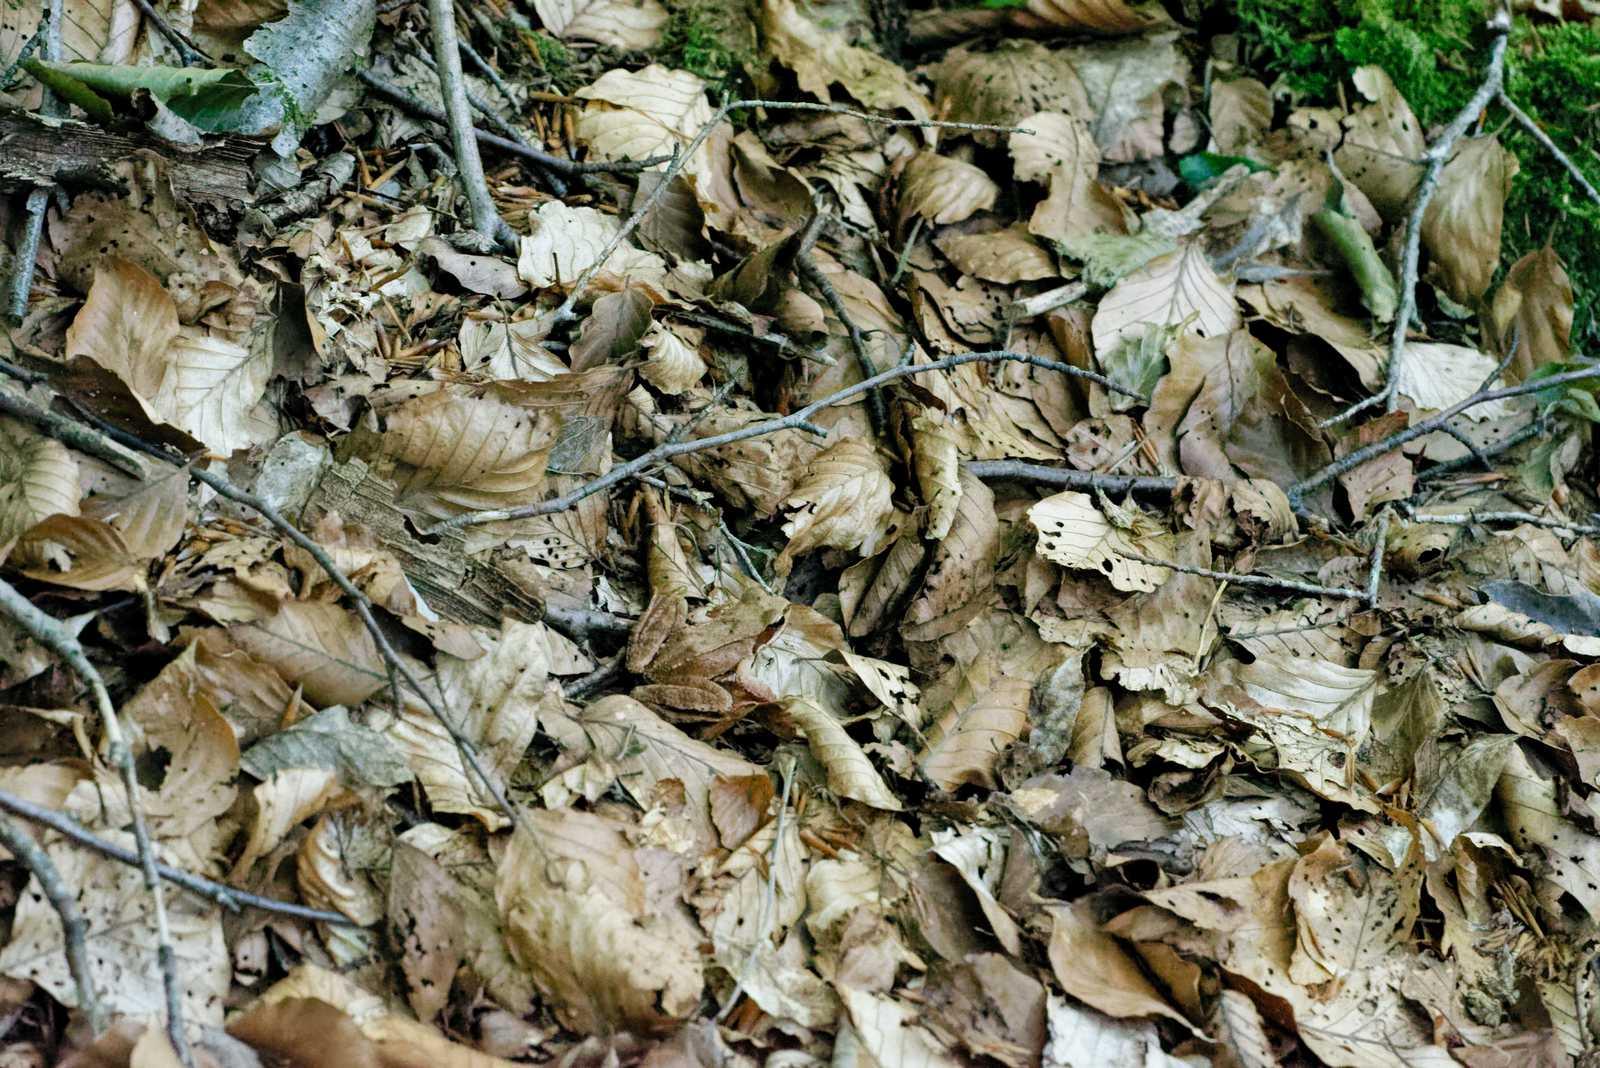 Identificazione rana... mimetica - Rana dalmatina